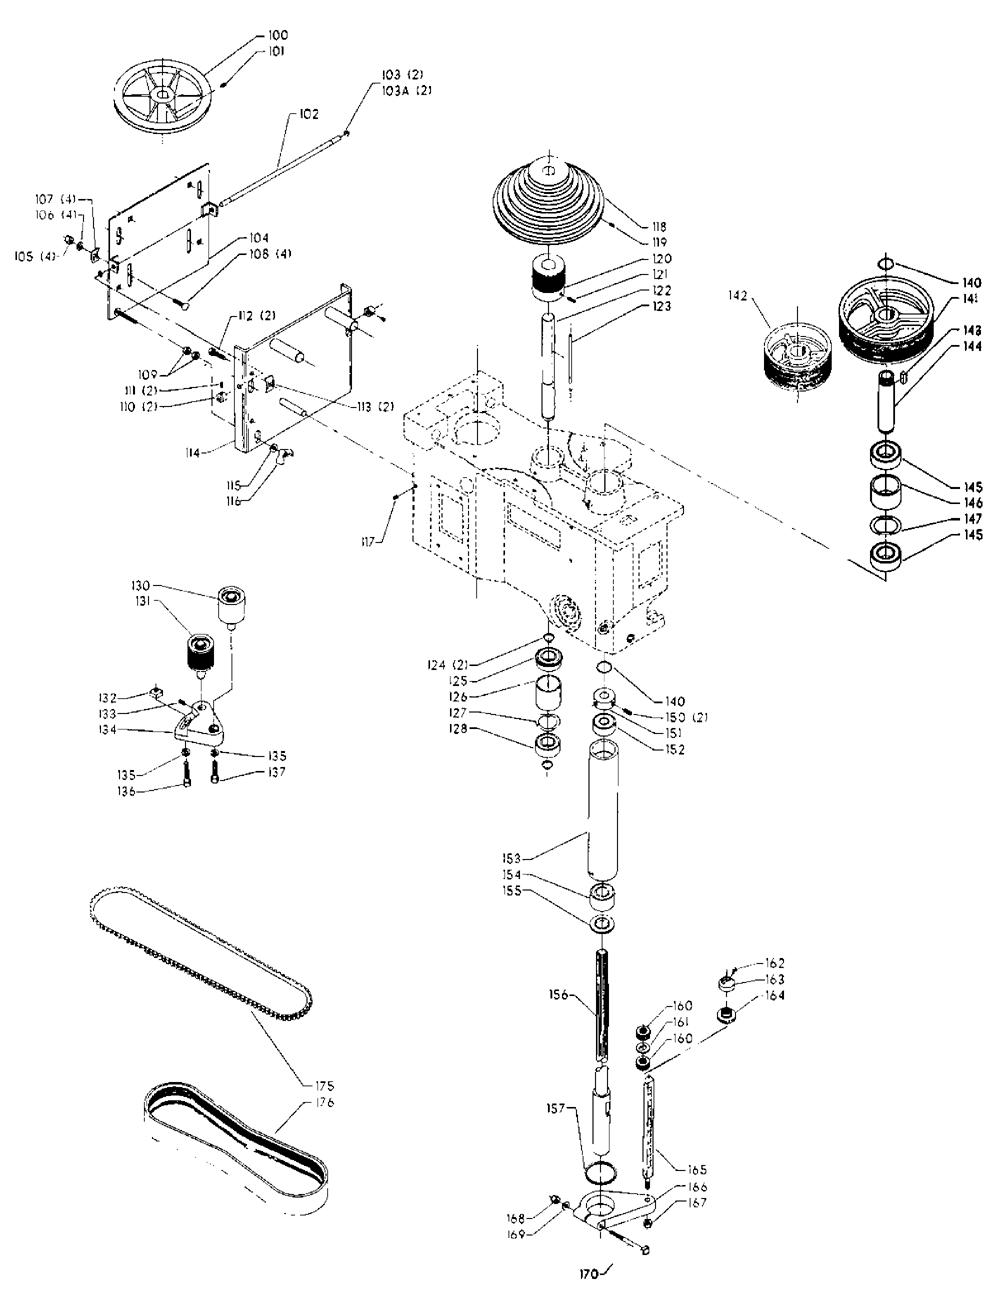 70-240-Delta-T1-PB-3Break Down